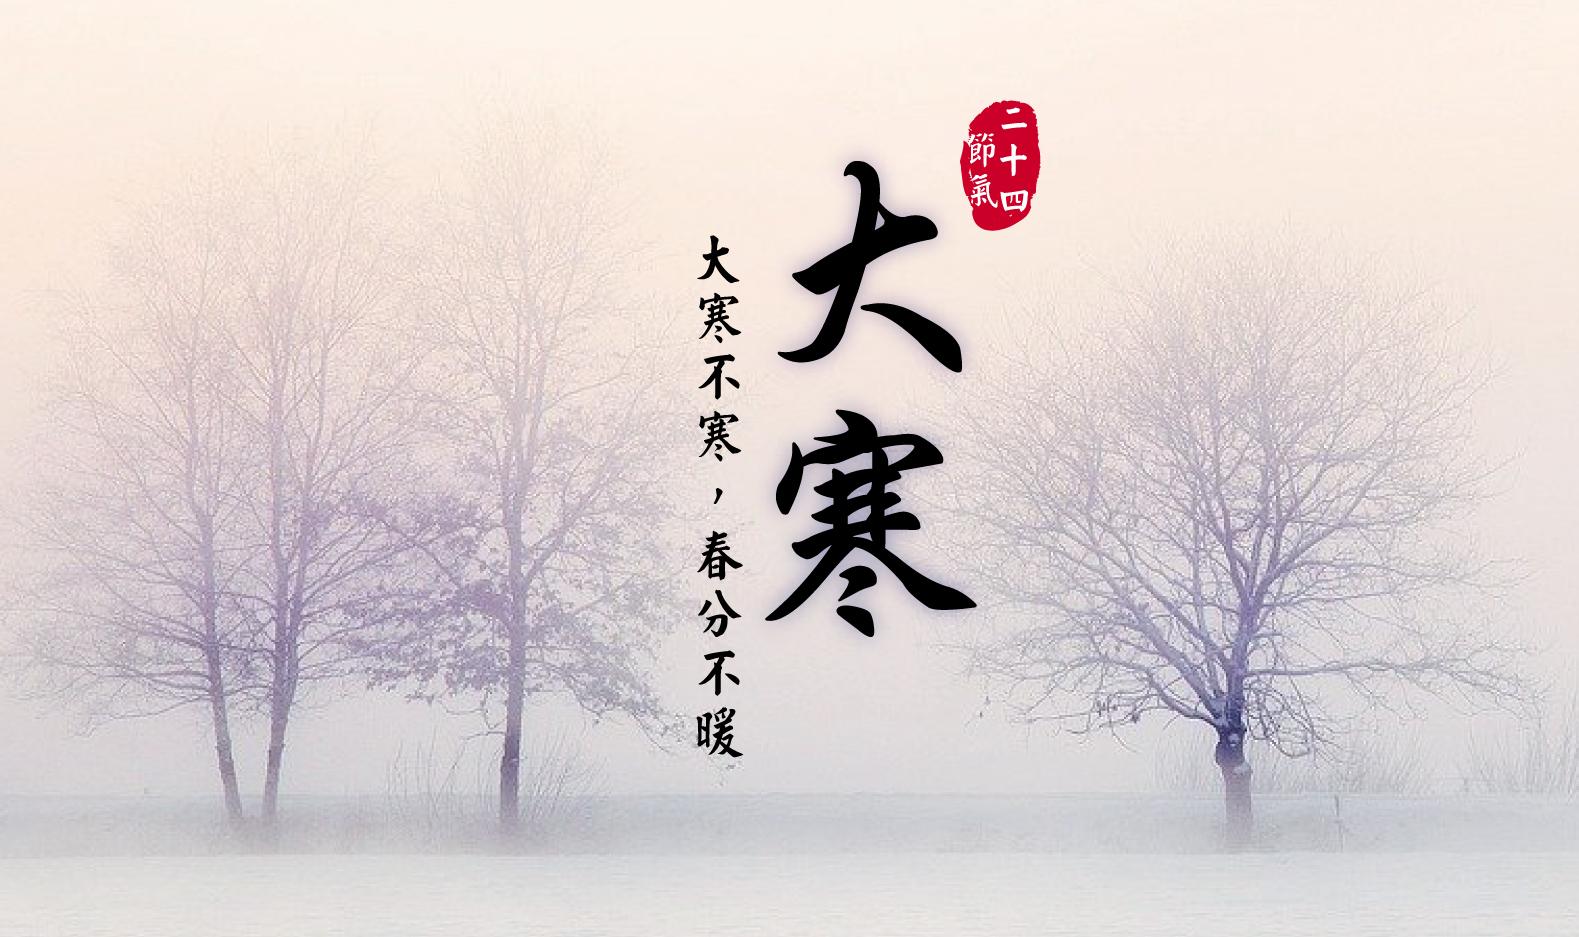 冬季最後一個節氣「大寒」,給孕婦的4個養生筆記